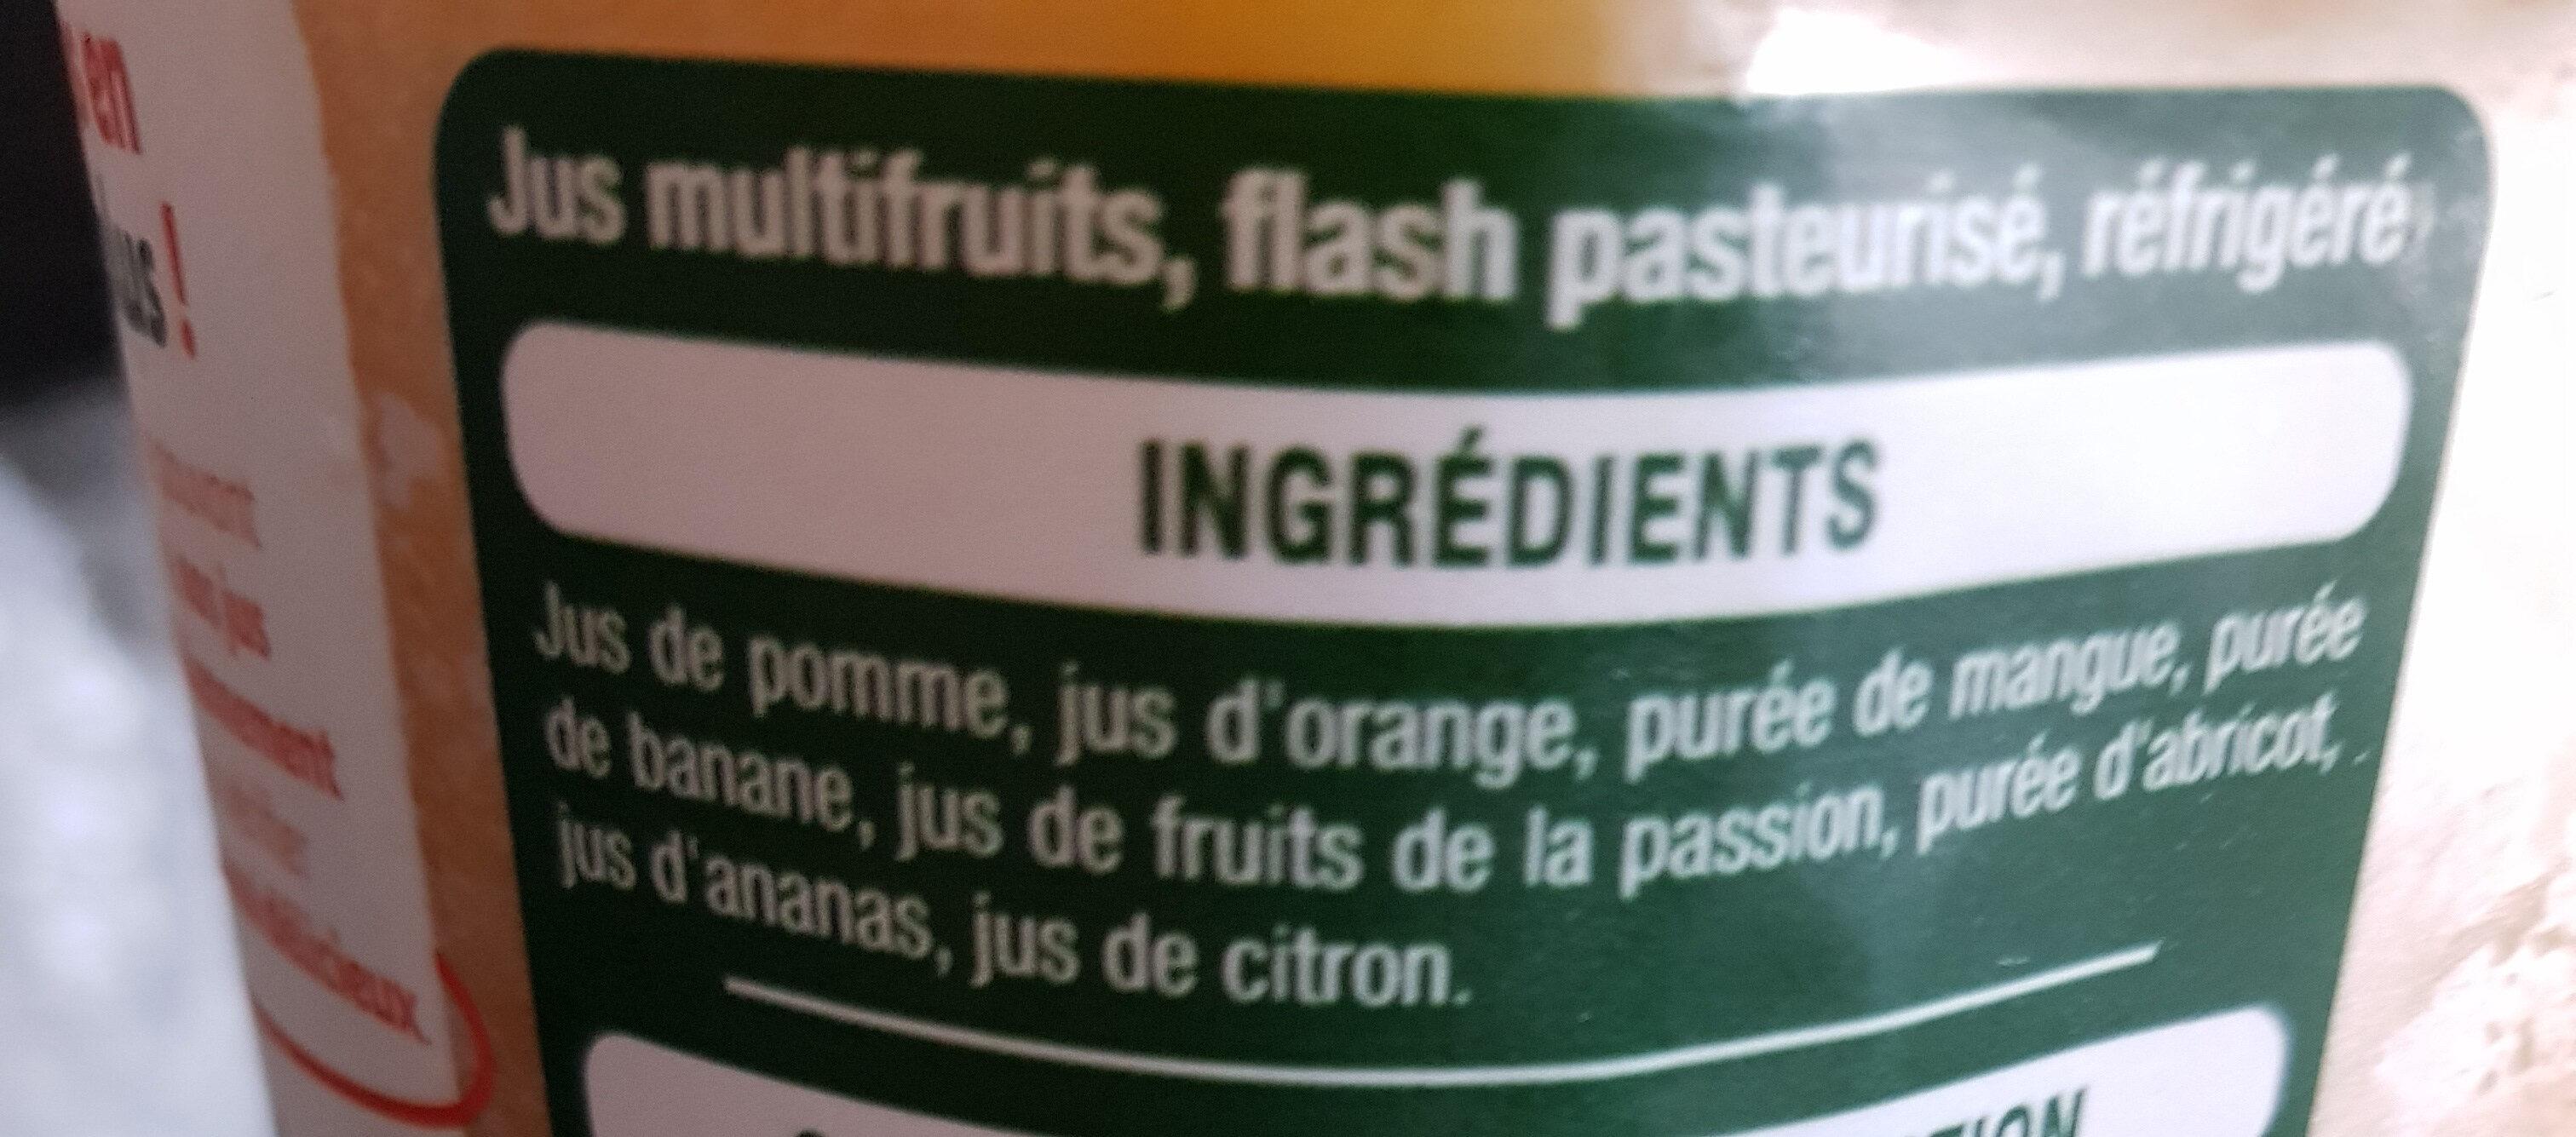 Multifruit 100% pur jus - Ingredients